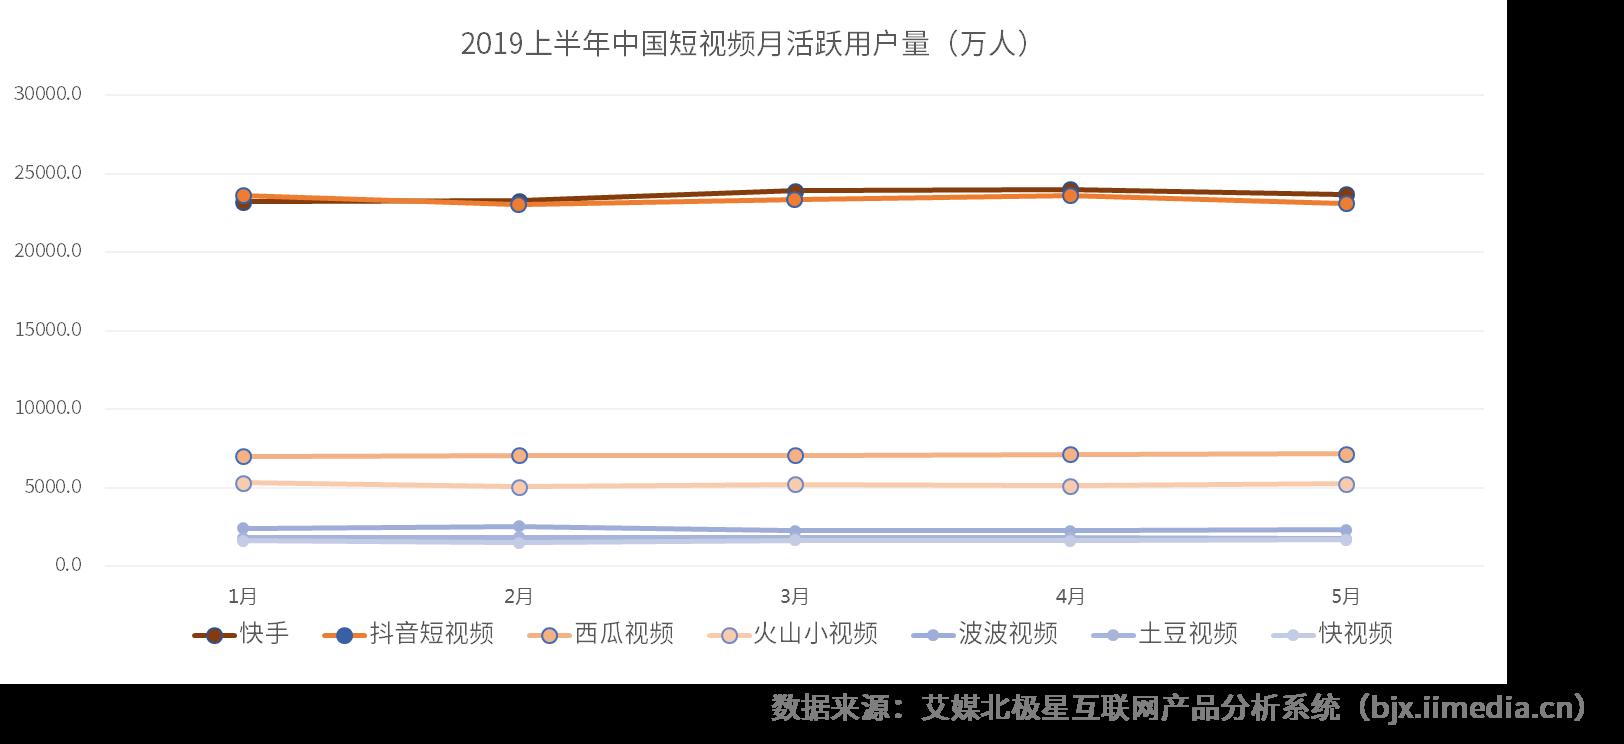 2019中国短视频电商行业发展及应用前景分析